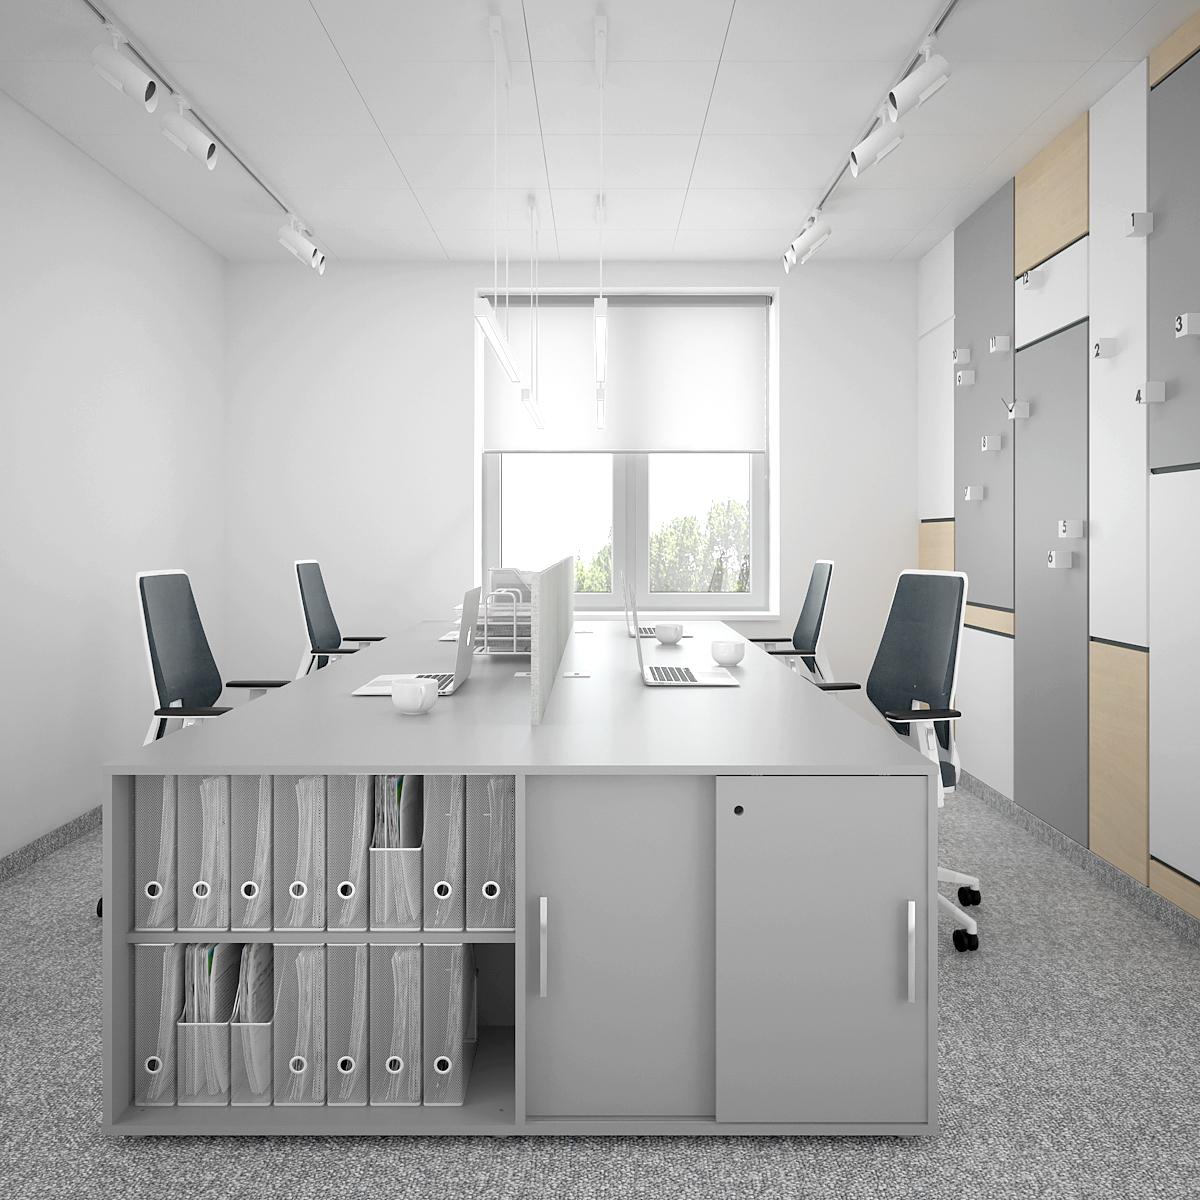 5 aranzacja biura B128 biuro krakow stanowiska pracy szara komado i biurka fotele biurowe panele na scianie oswietlenie na szynach